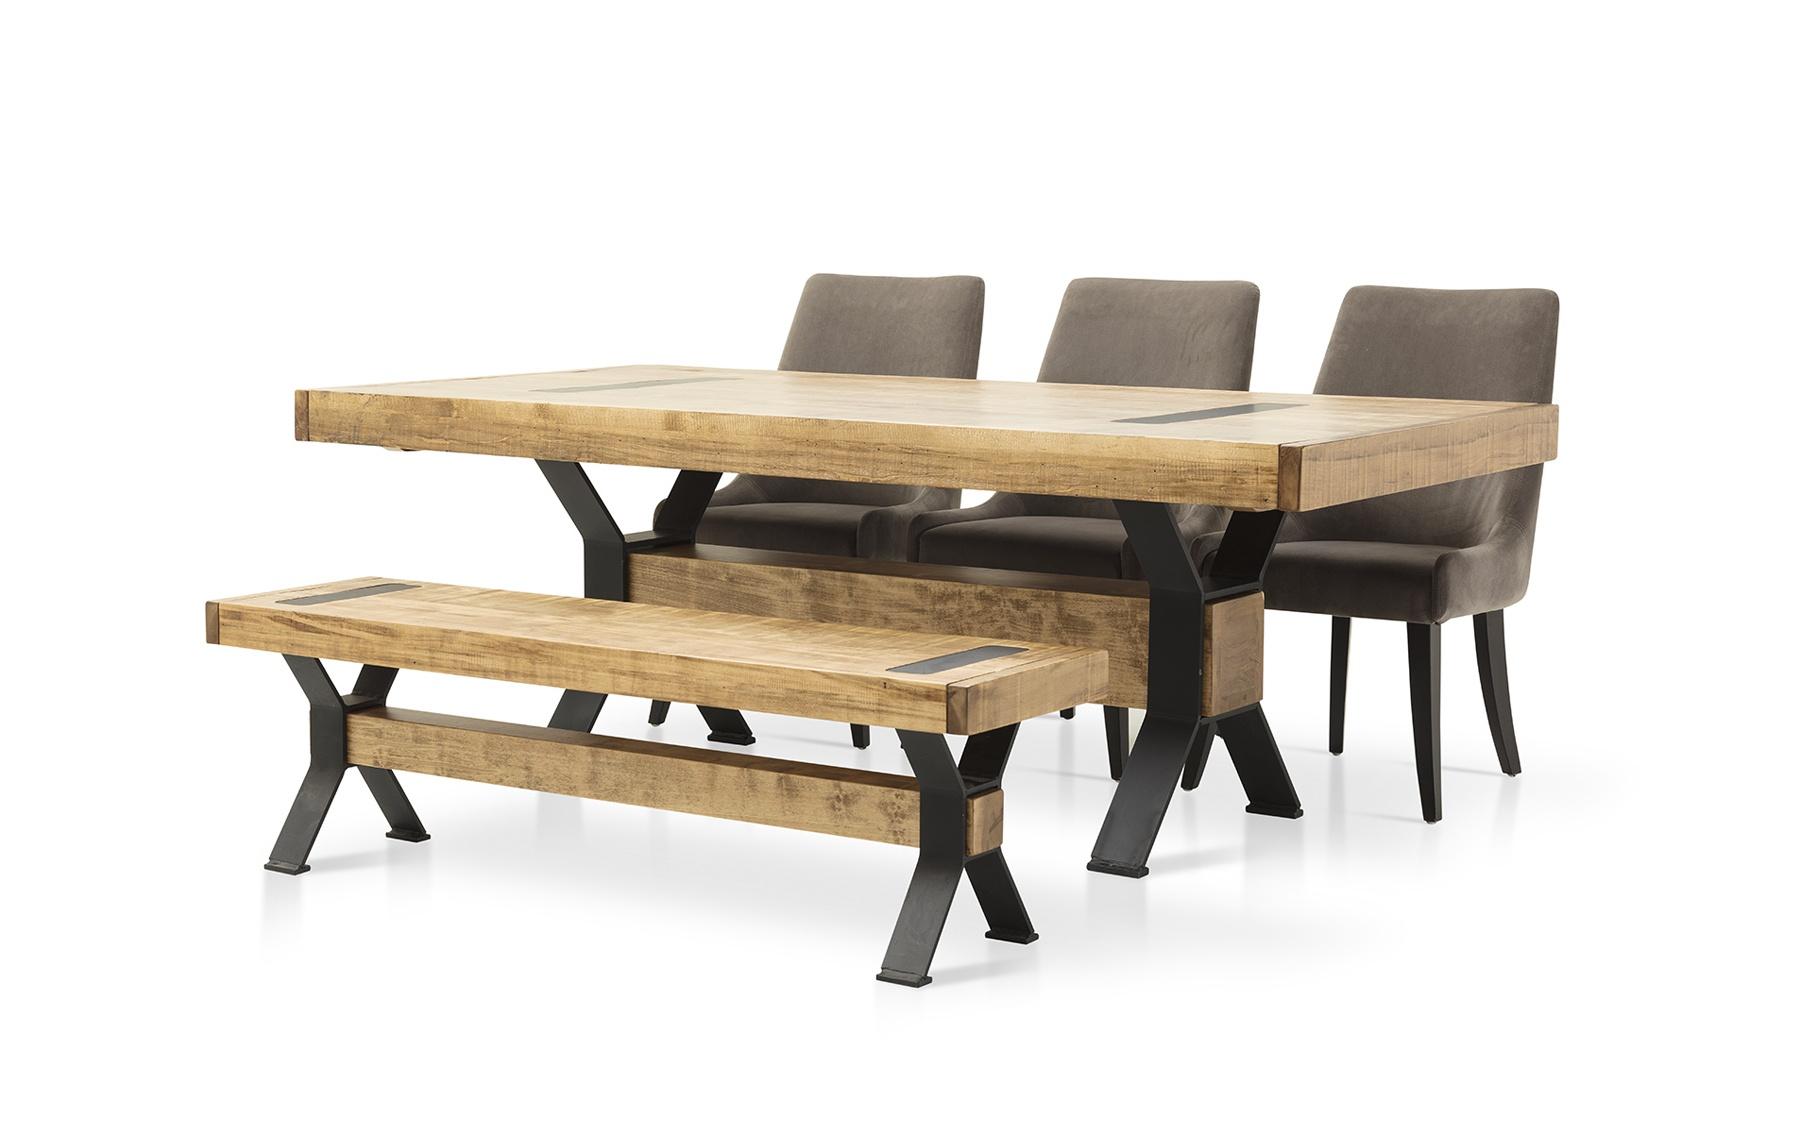 Table 42x84 2 extensions 16 cl615 tables salles manger la galerie du meuble - La galerie du meuble contemporain ...